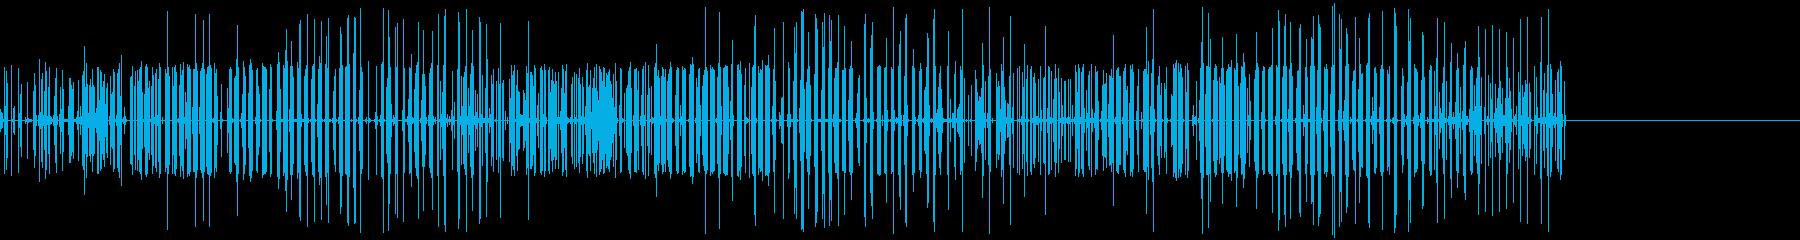 ビリビリ(電気/帯電/スパーク)の再生済みの波形